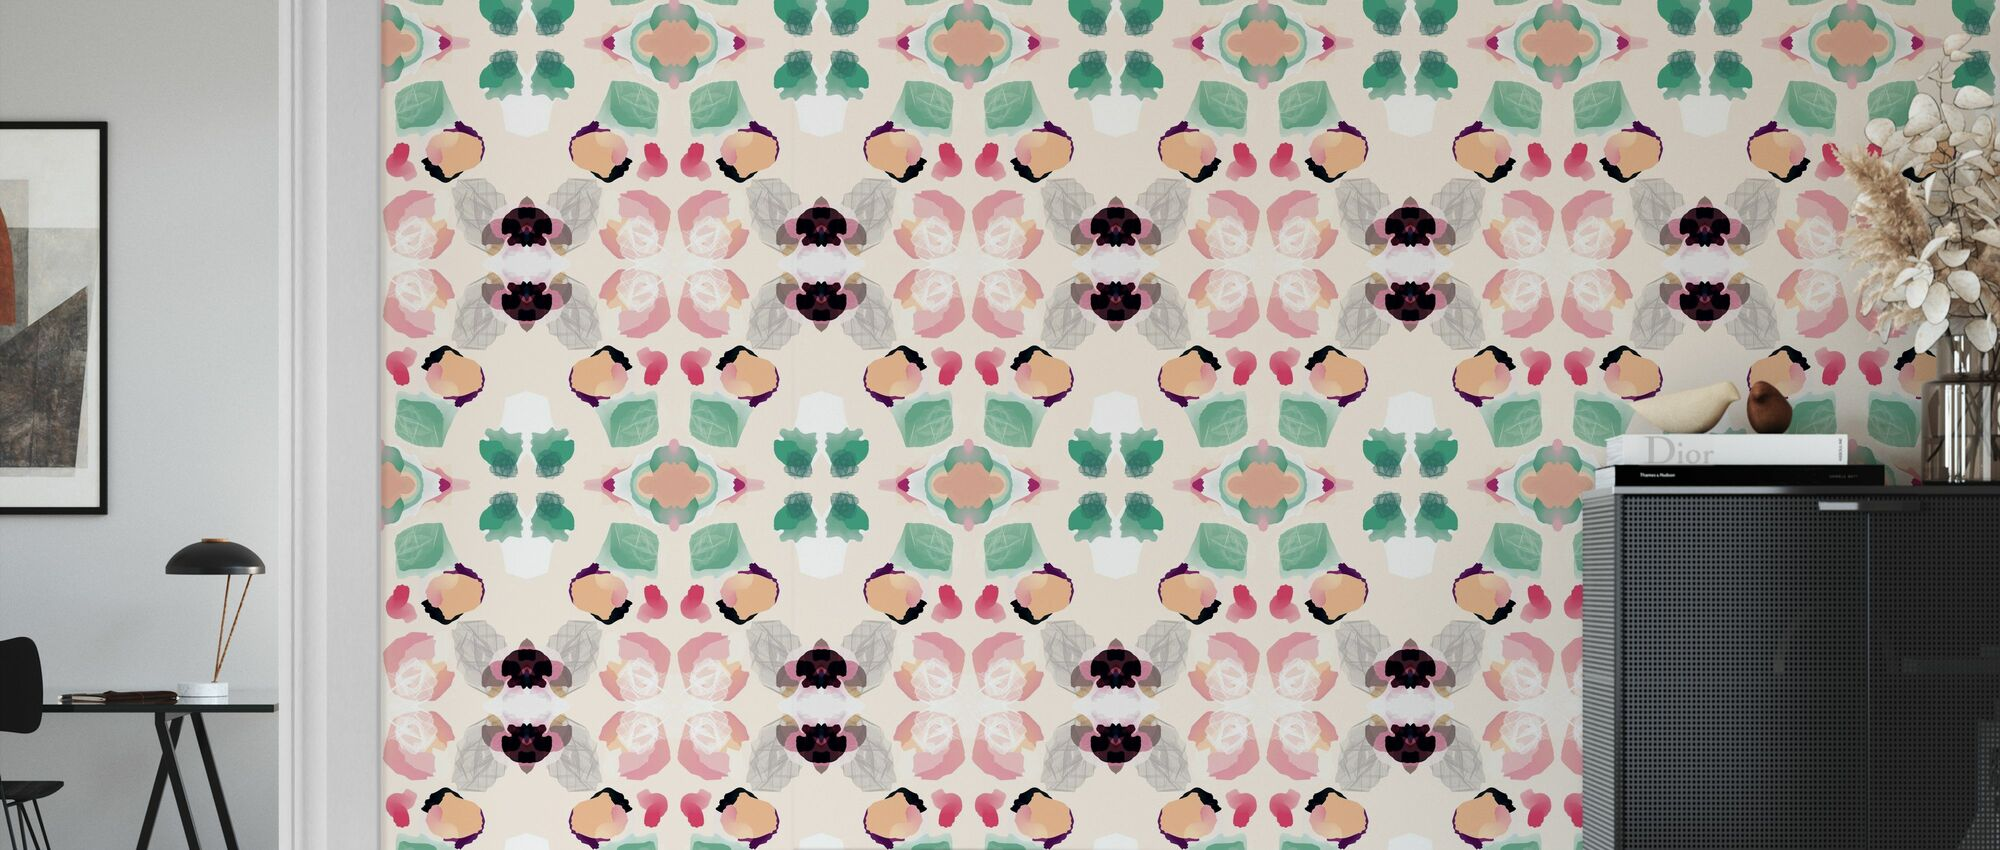 Magnolia - Wallpaper - Living Room